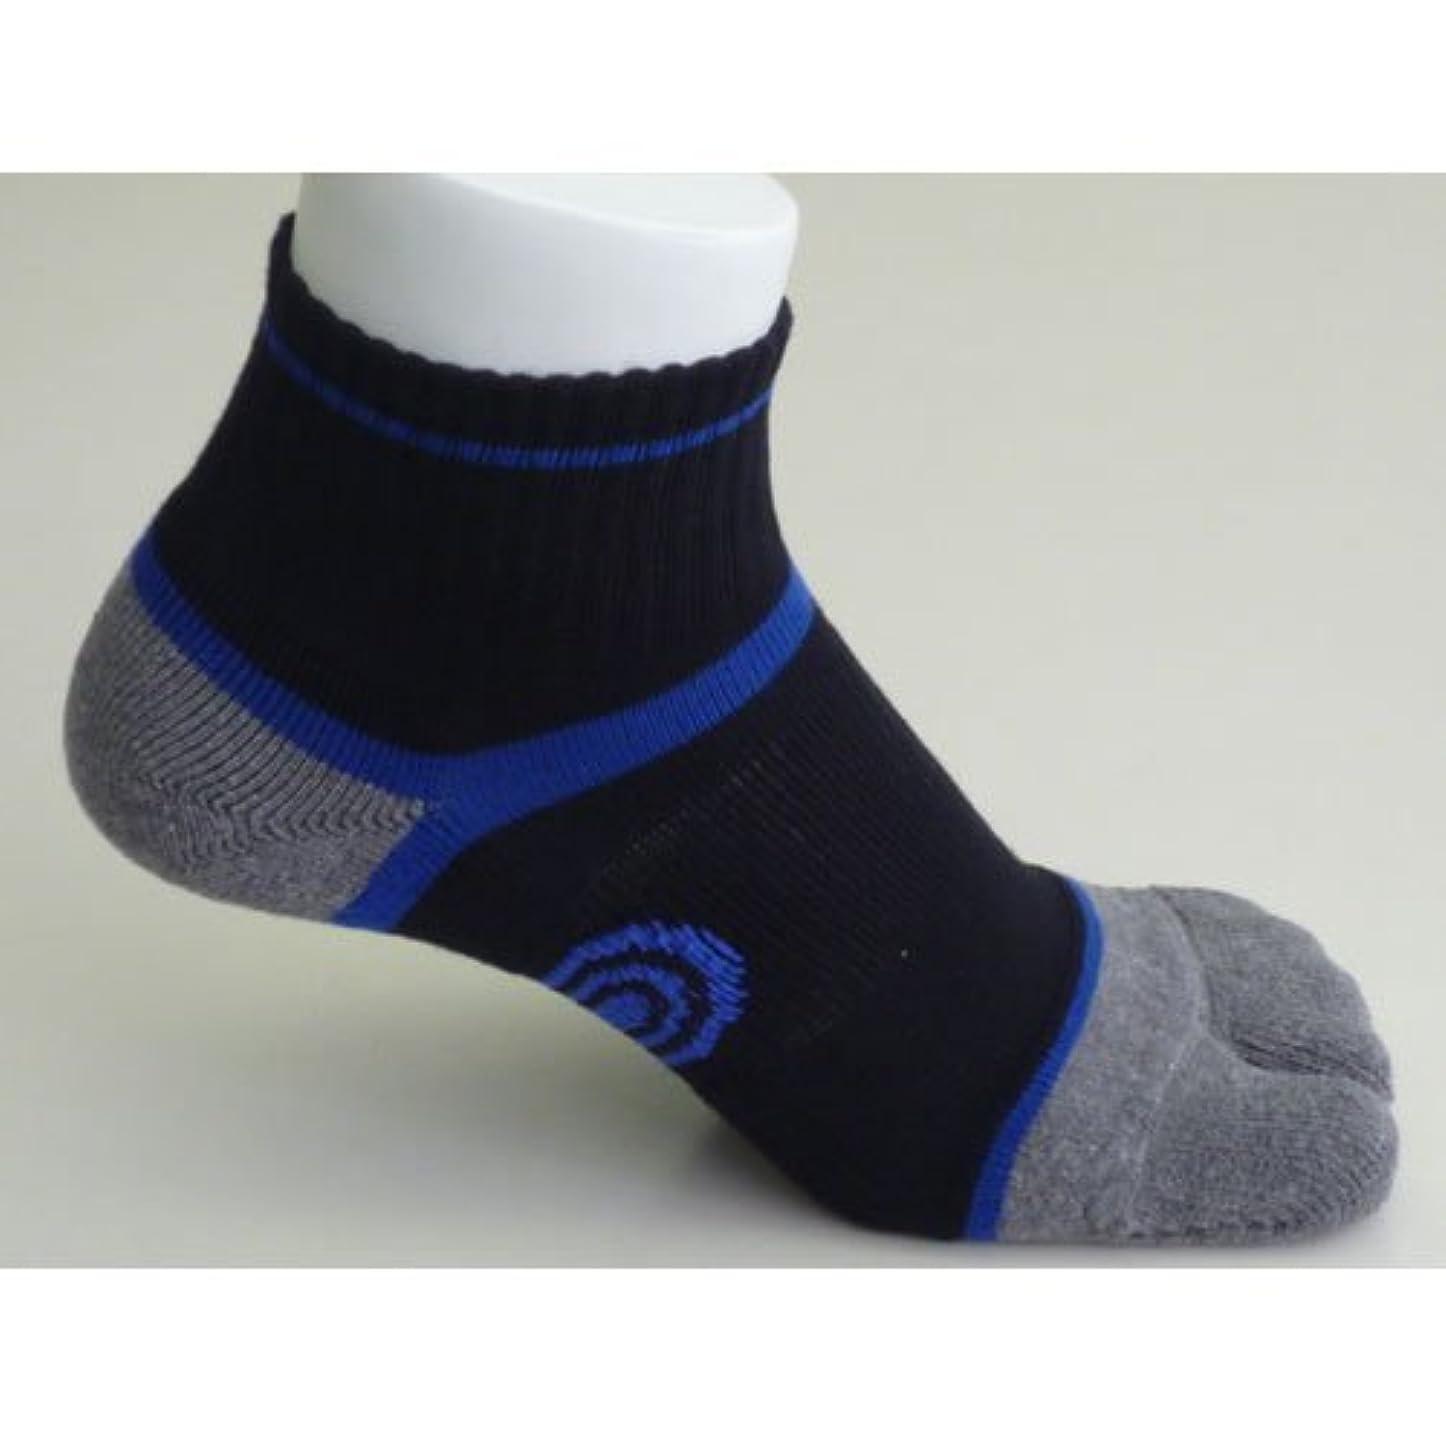 飢饉方法オペレーター草鞋ソックス M(25-27cm)ブルー 【わらじソックス】【炭の靴下】【足袋型】